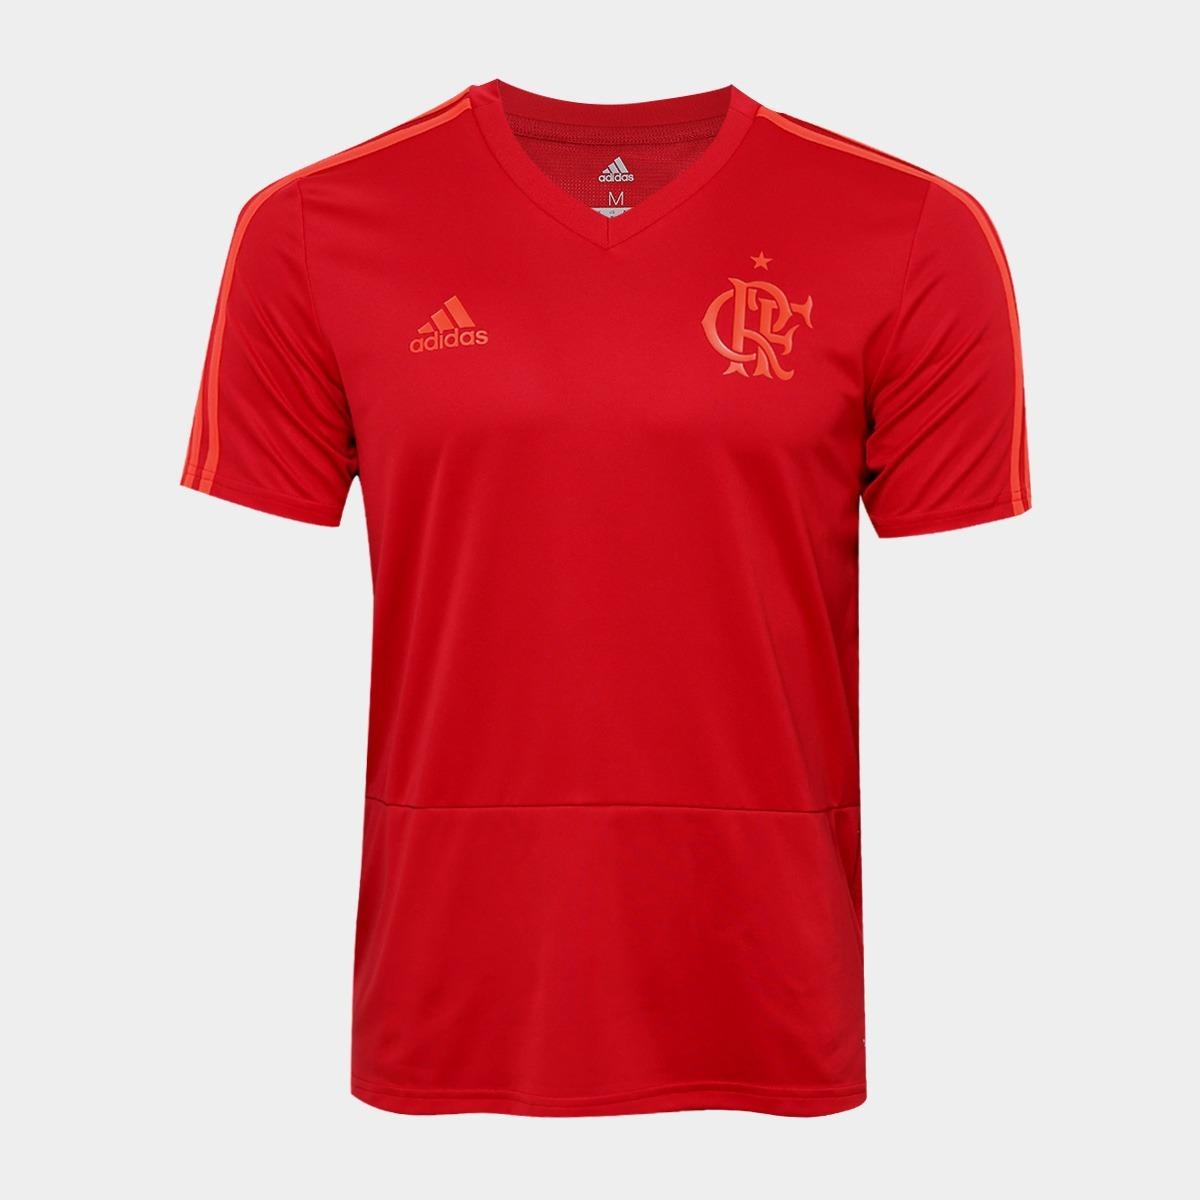 camisa flamengo treino adidas masculina original jp sports. Carregando zoom. d8b7a8755de3e